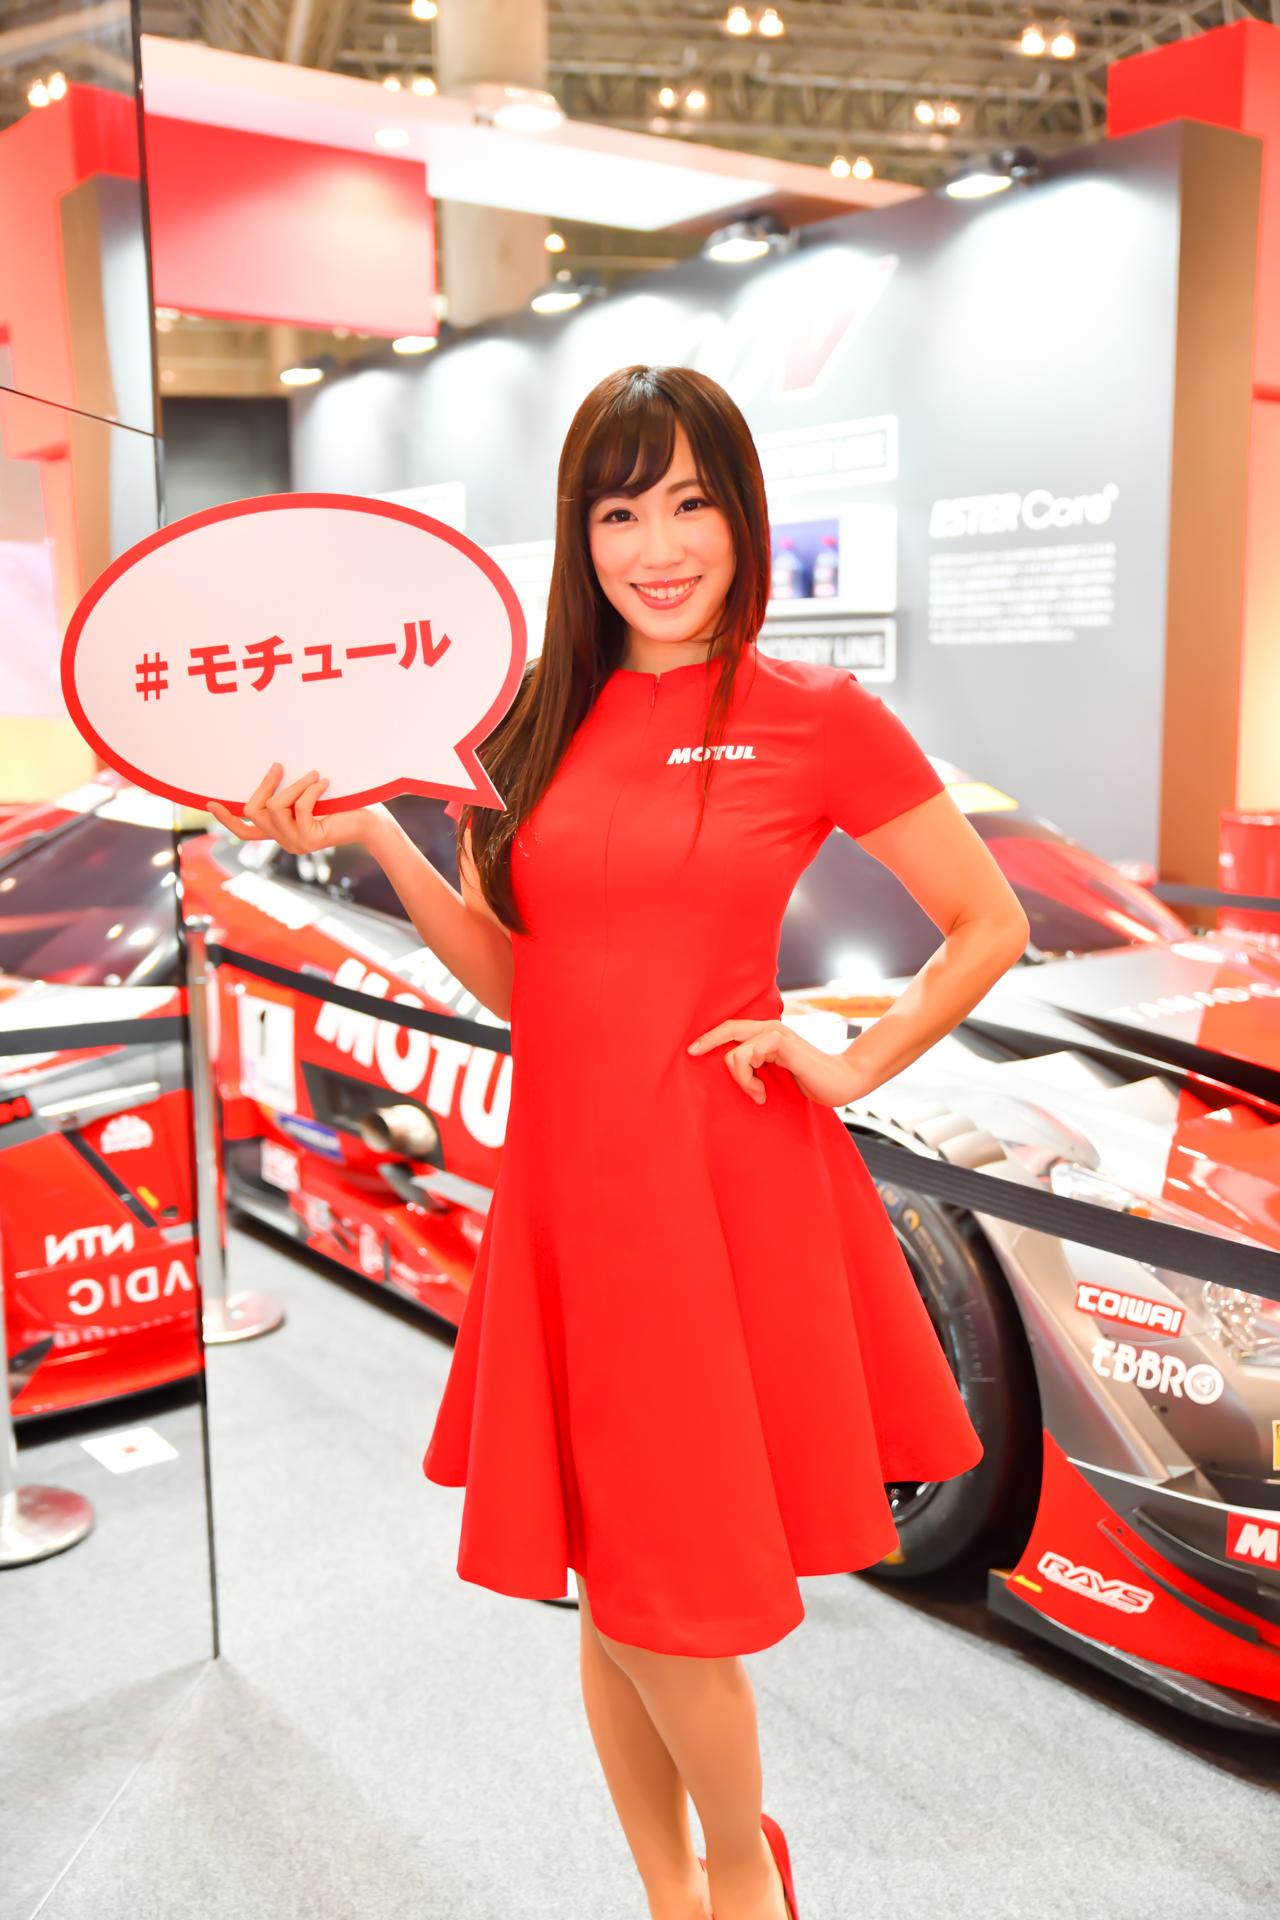 東京オートサロン 2018 モチュール